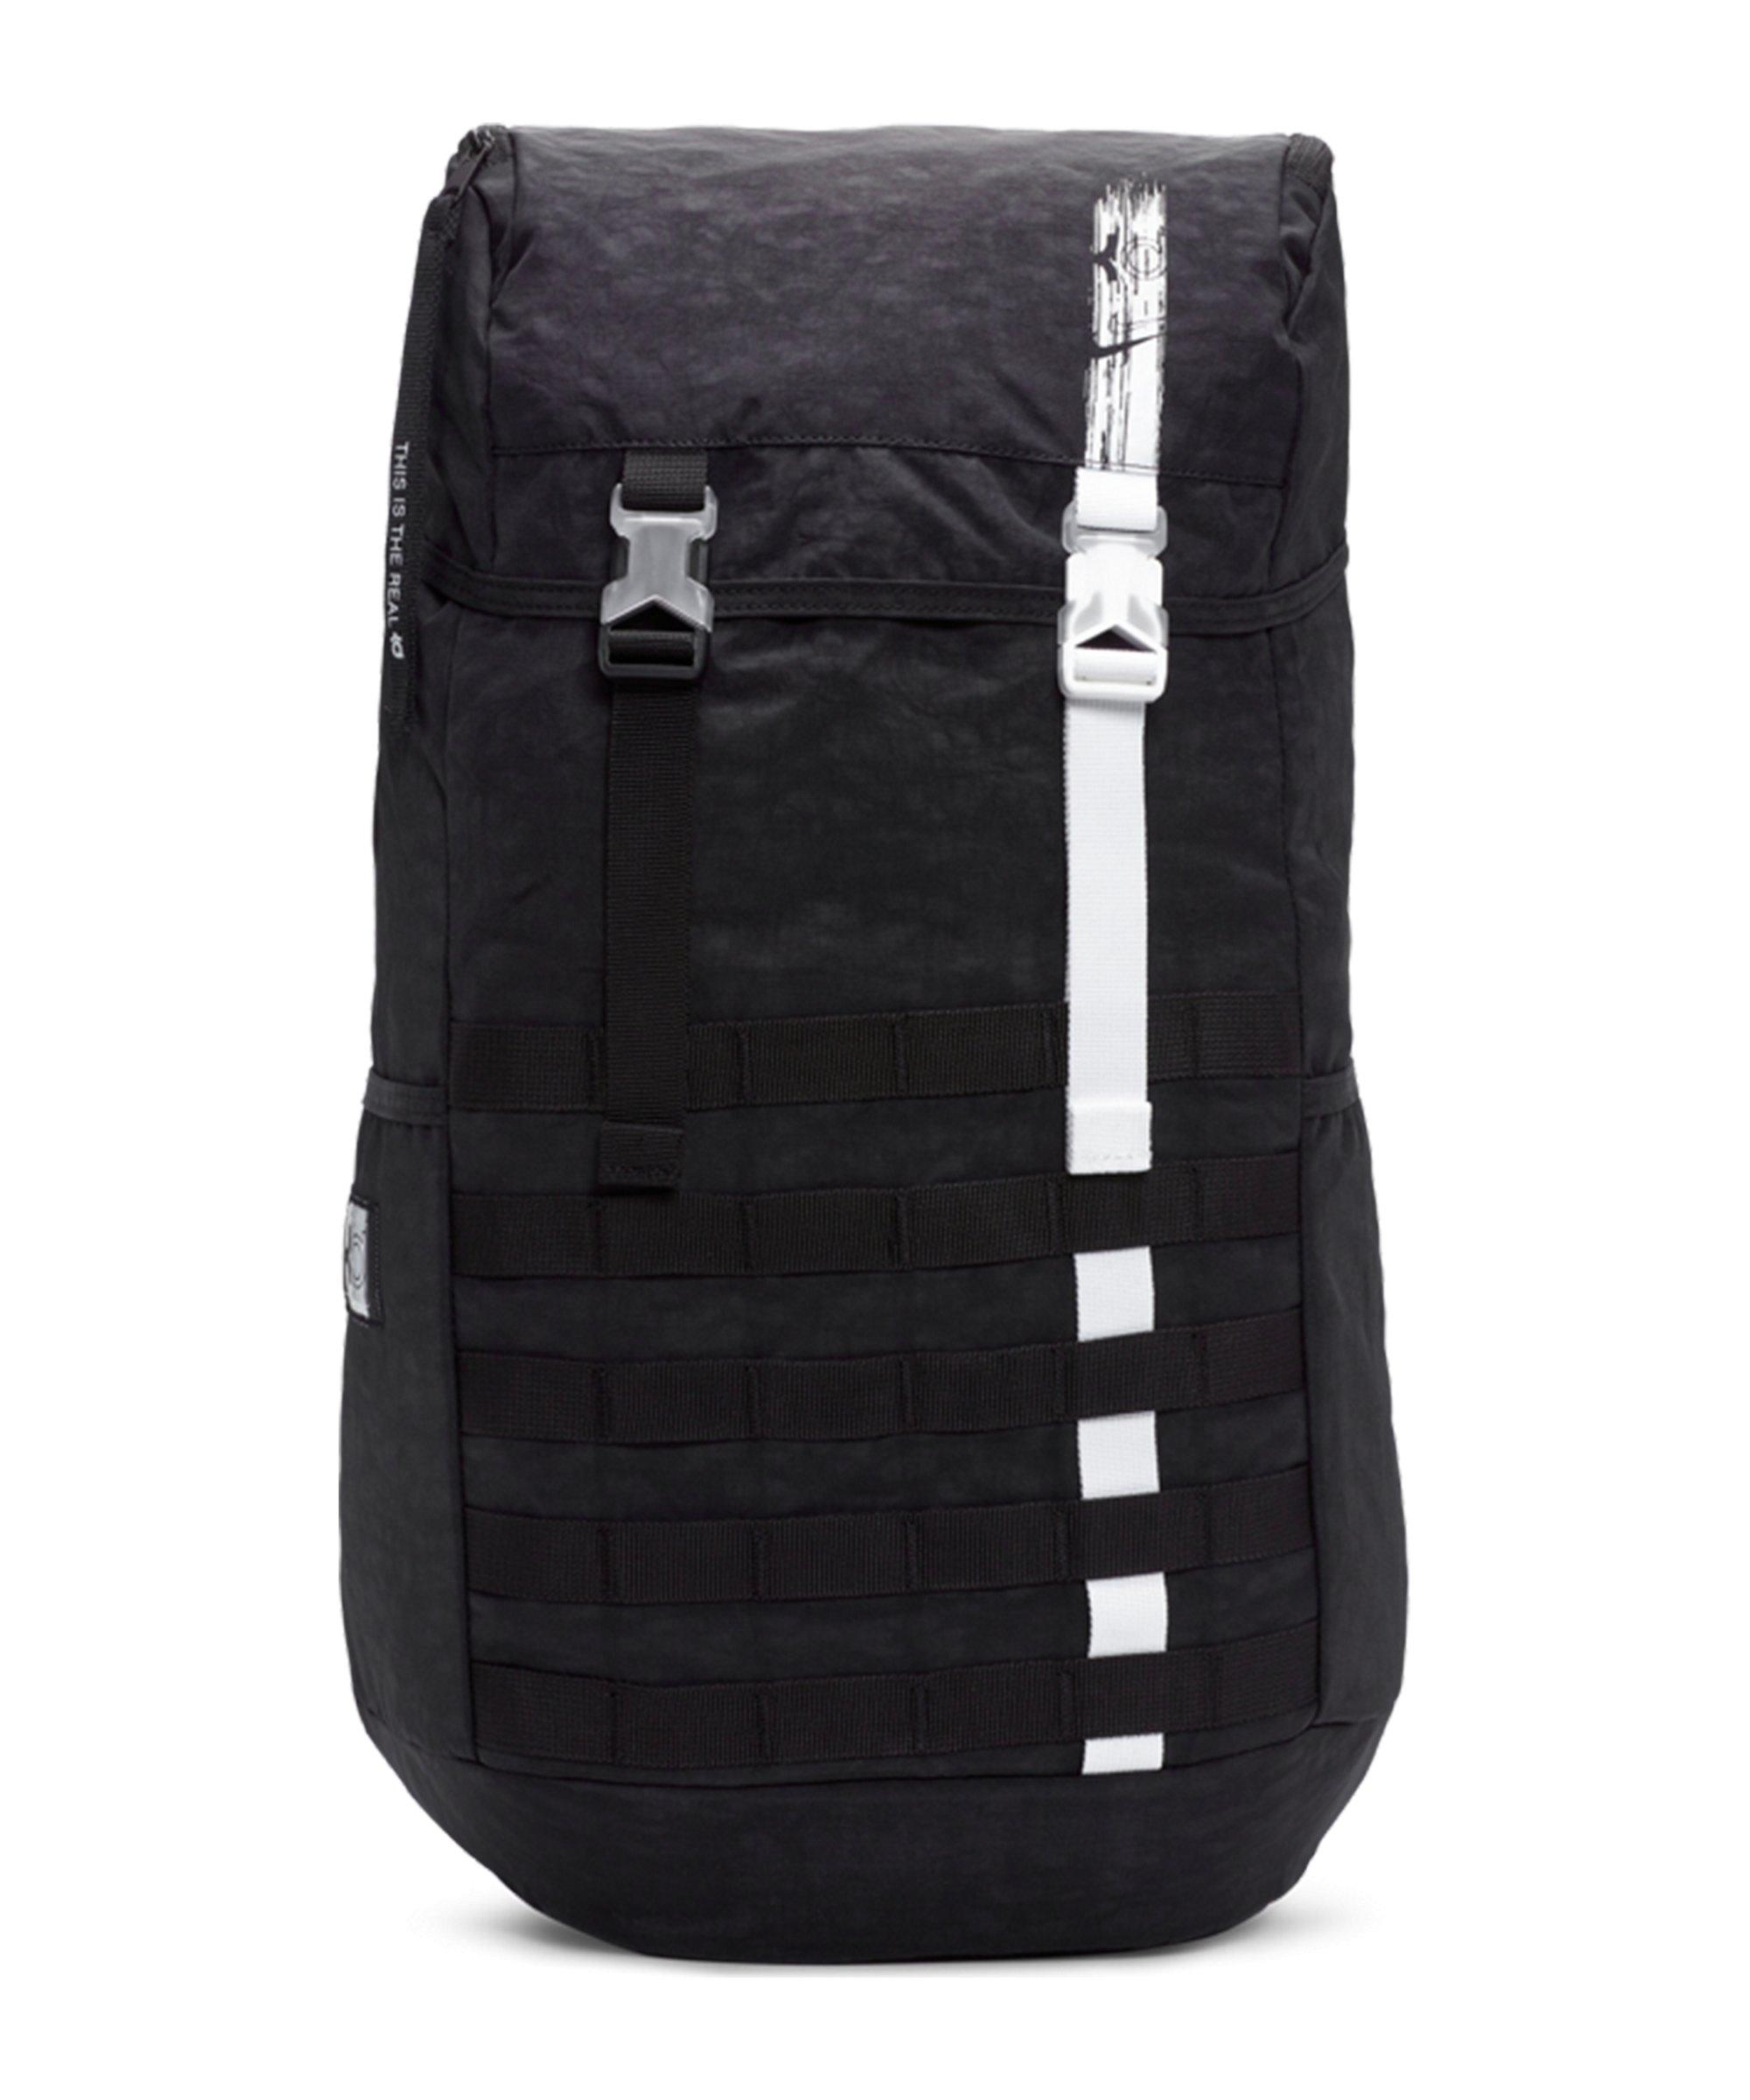 Nike Basketball Rucksack Schwarz F010 - schwarz